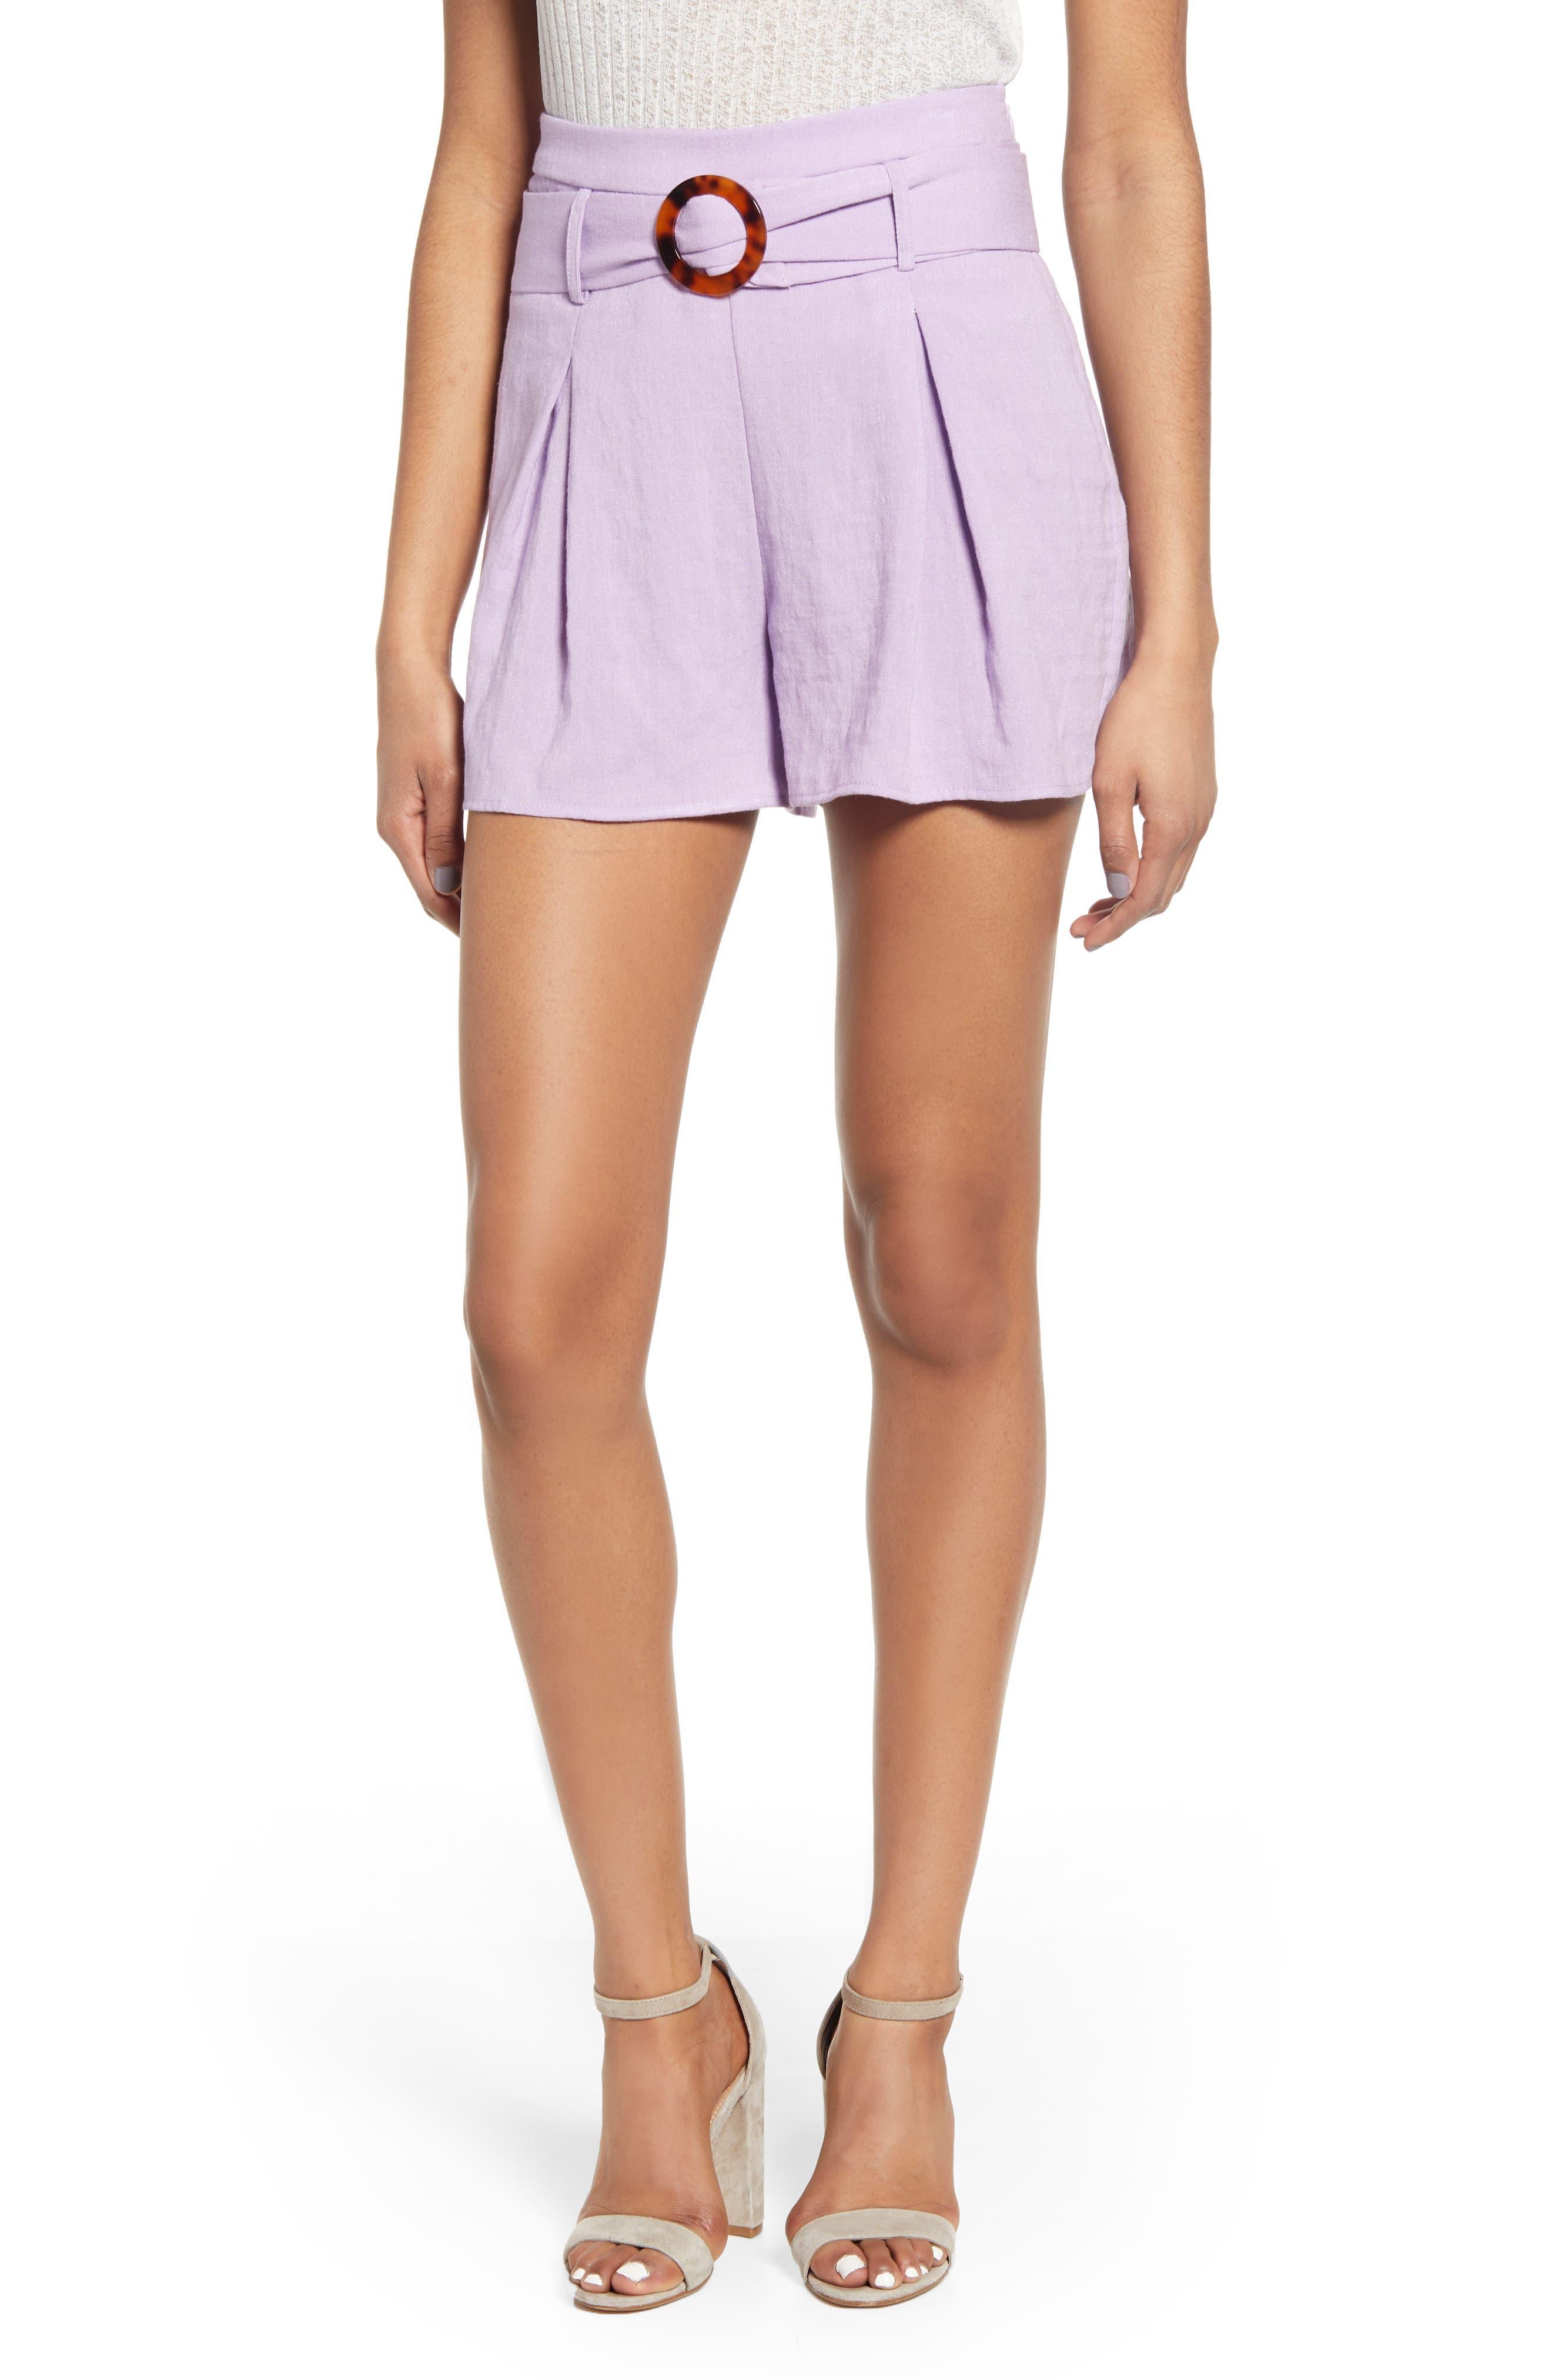 Vintage Shorts, Culottes,  Capris History Womens J.o.a. Belted Flare Shorts $75.00 AT vintagedancer.com